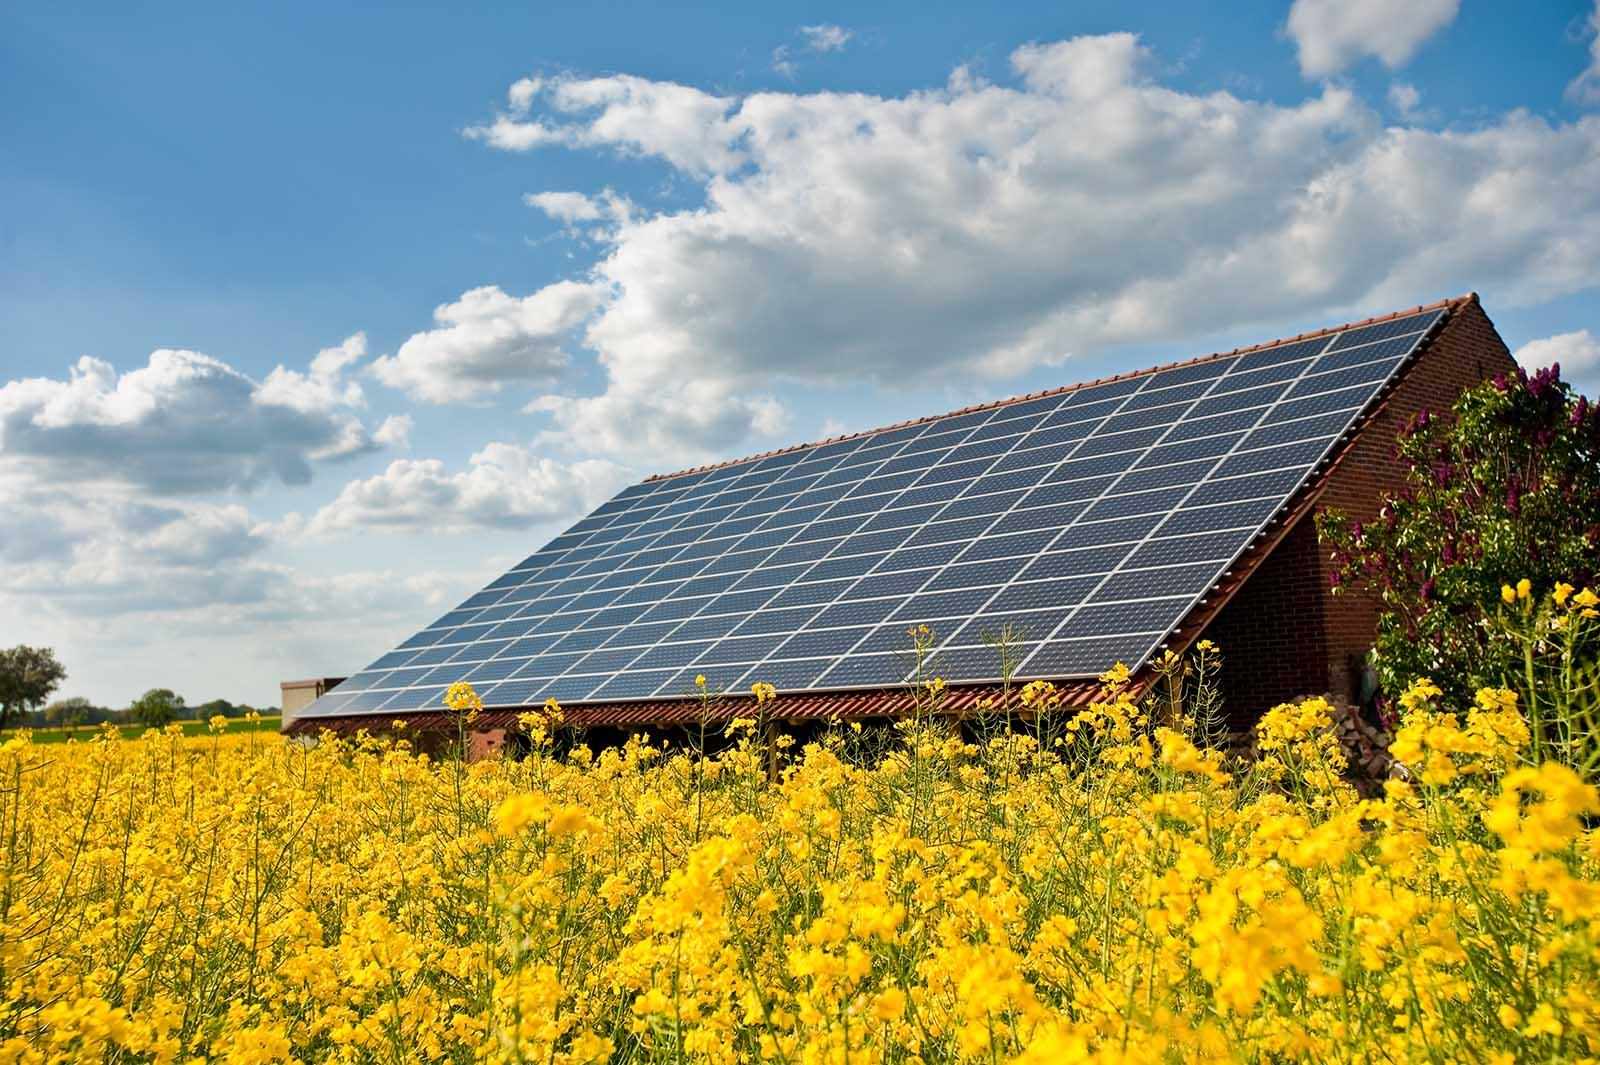 Solceller Tranås. Solpaneler på taket av en lada vid ett gult fält.